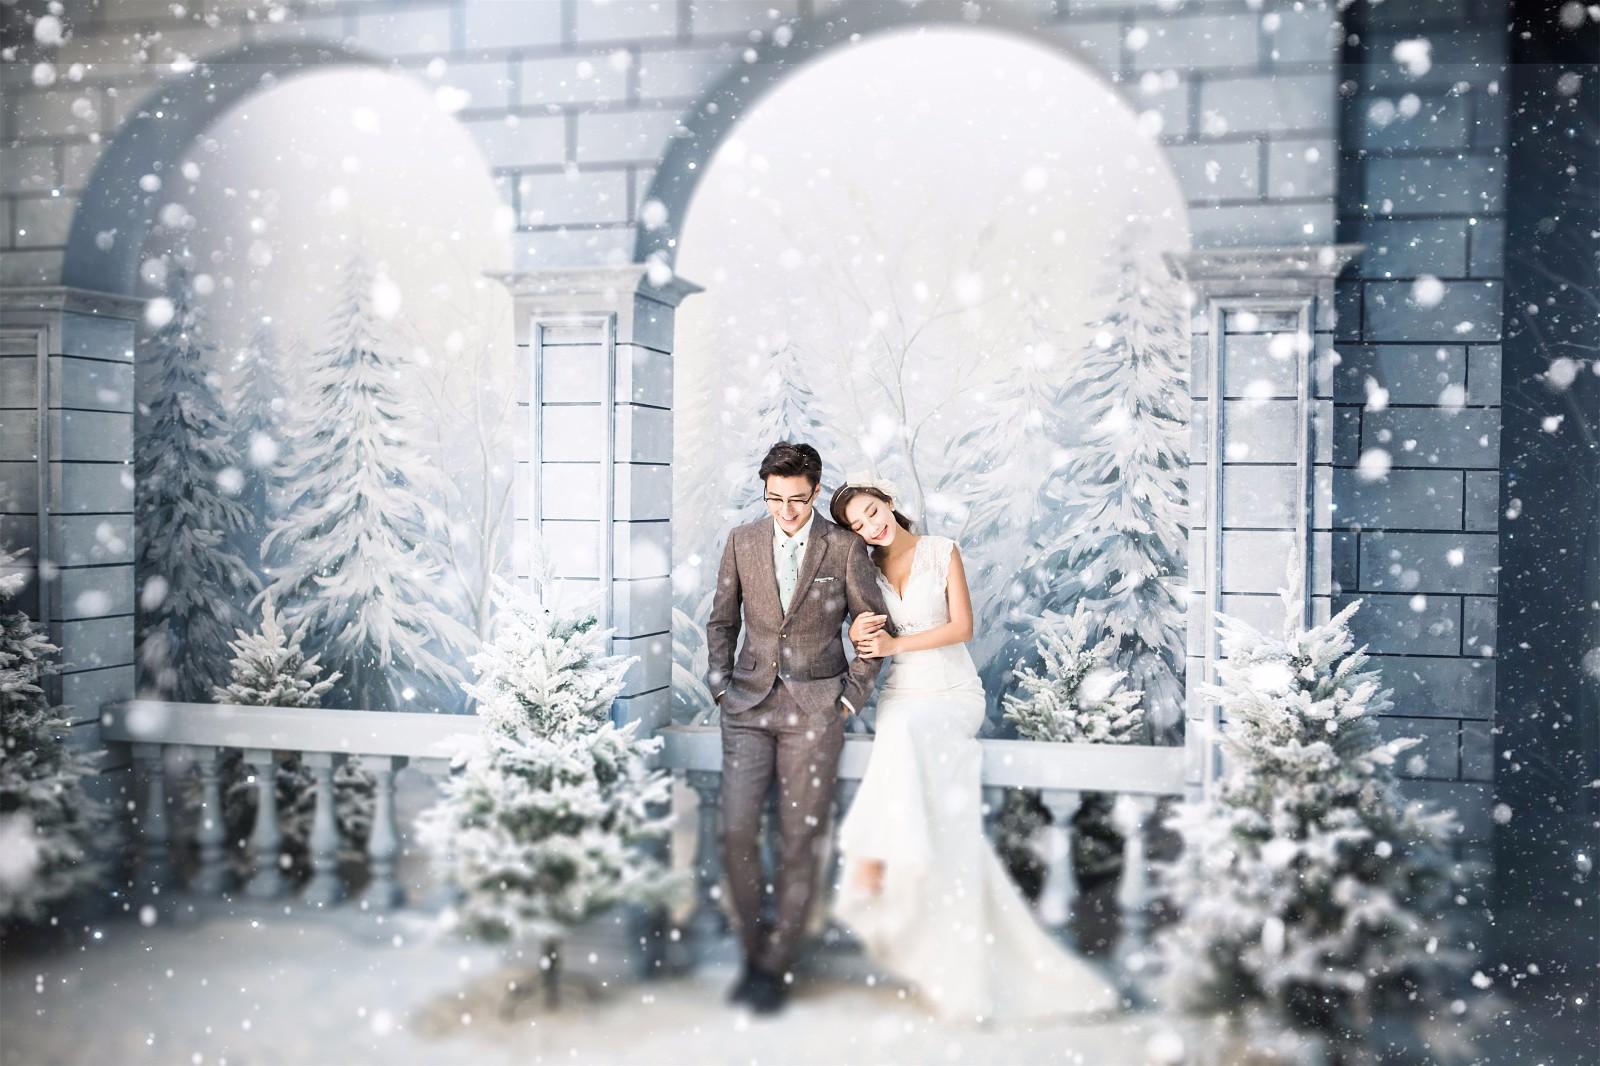 结婚红包祝福语,是婚礼的一种潜在形式